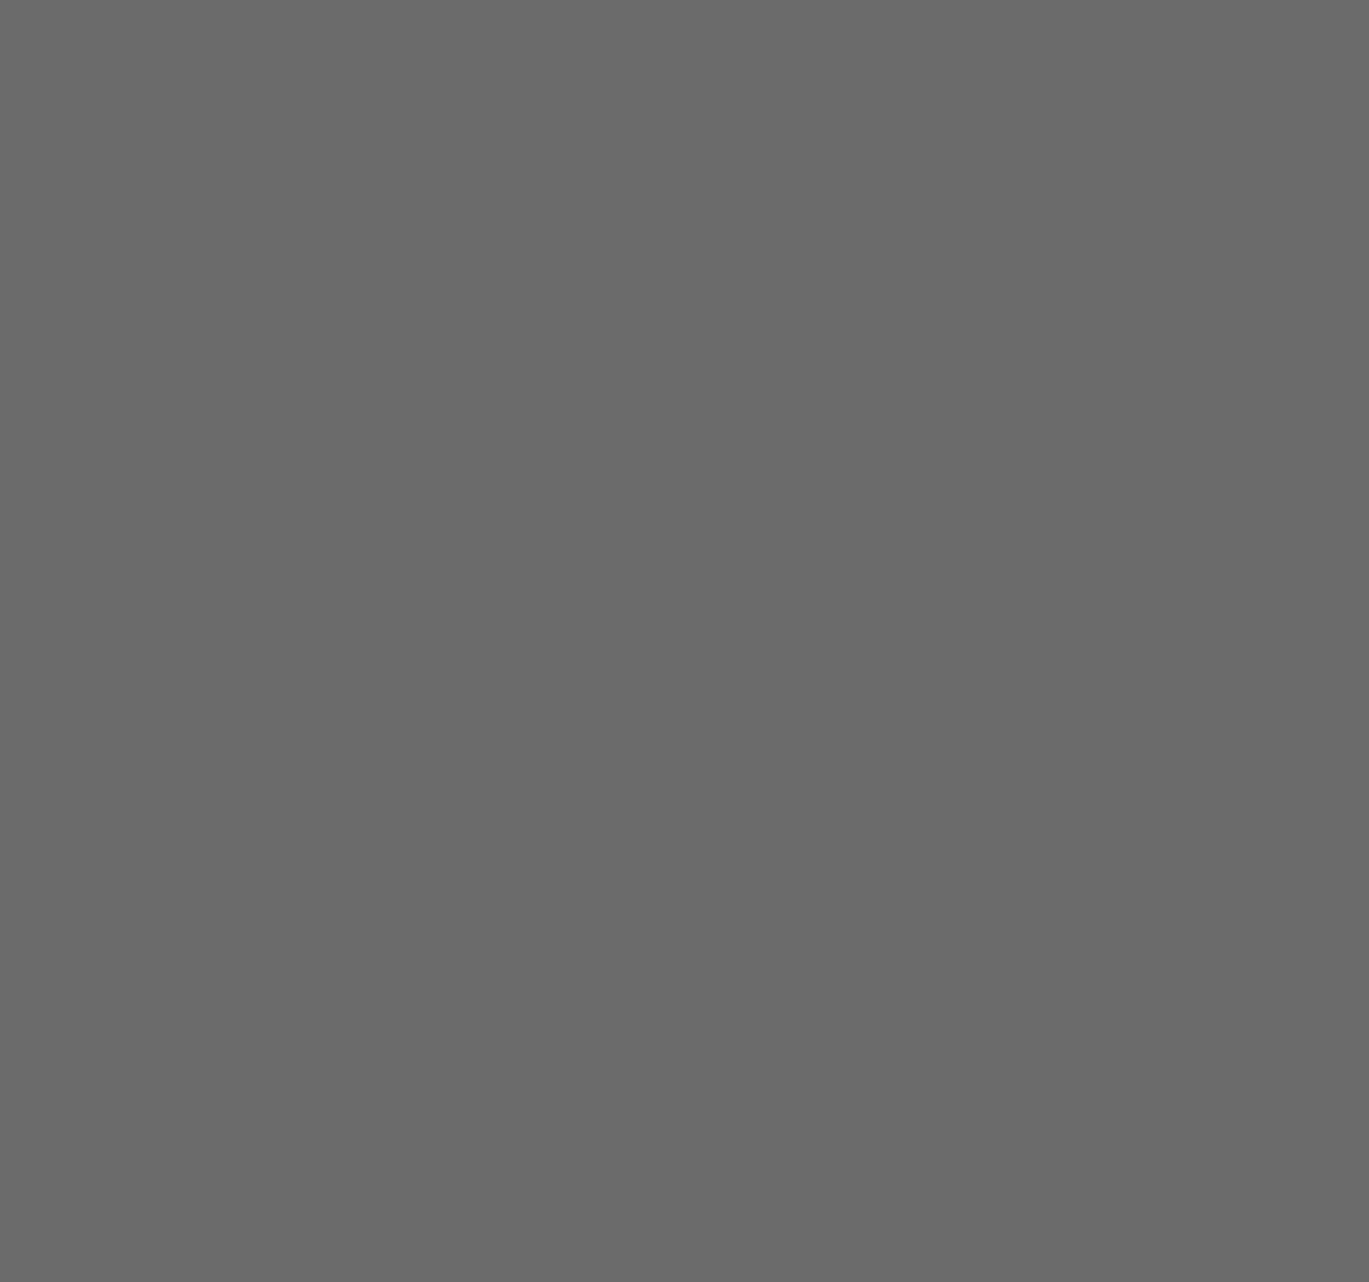 Константин Мельников - ДОКТОР АРХИТЕКТУРЫ БЕЗ ЗАЩИТЫ ДИССЕРТАЦИИ